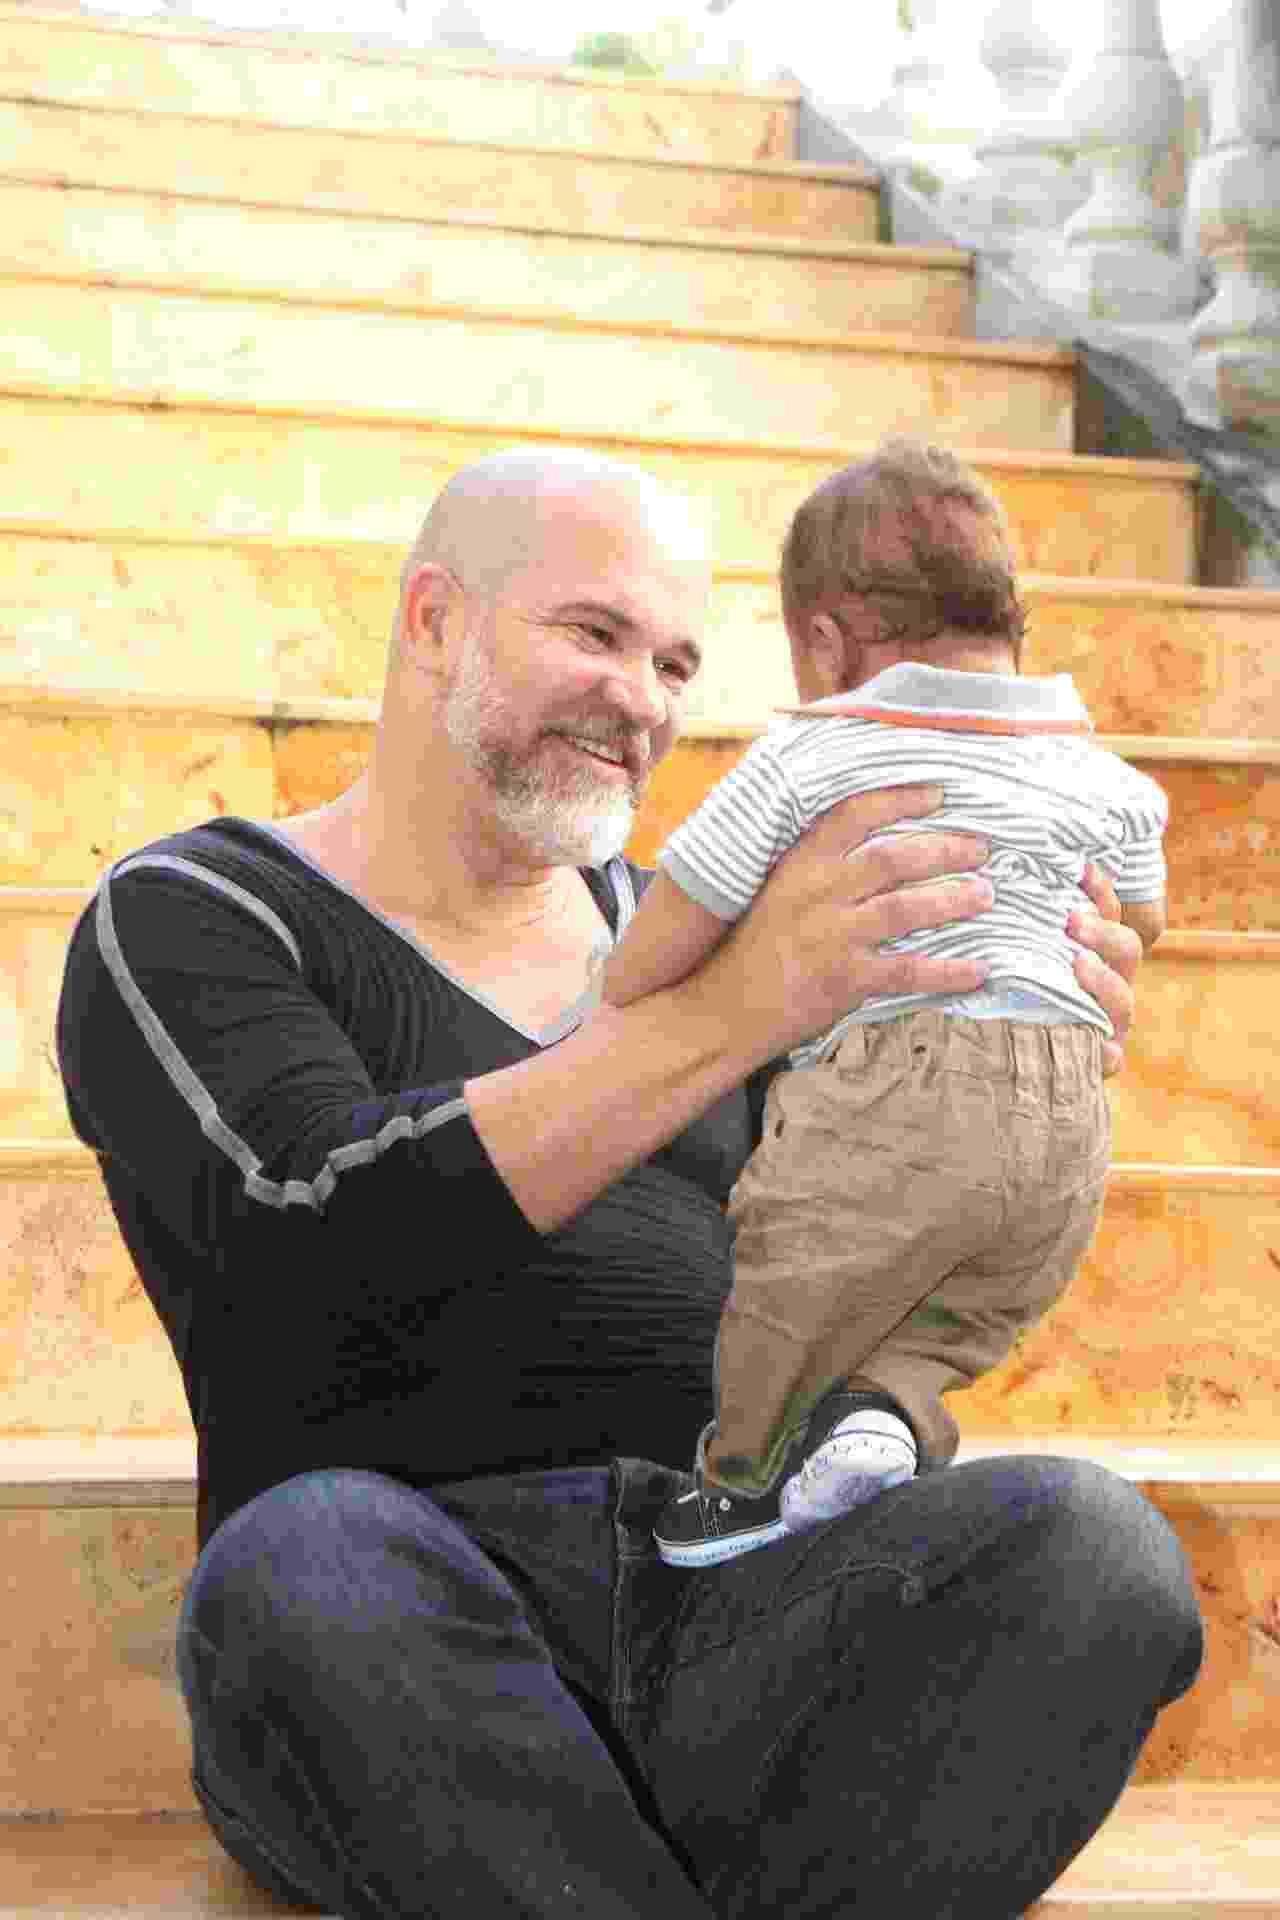 álbum com depoimentos de pais gays | Alemberg José de Santana, 48 anos, médico e pai de Saulo, 4 meses, de Ilhéus (BA) - Mary Melgaço/UOL